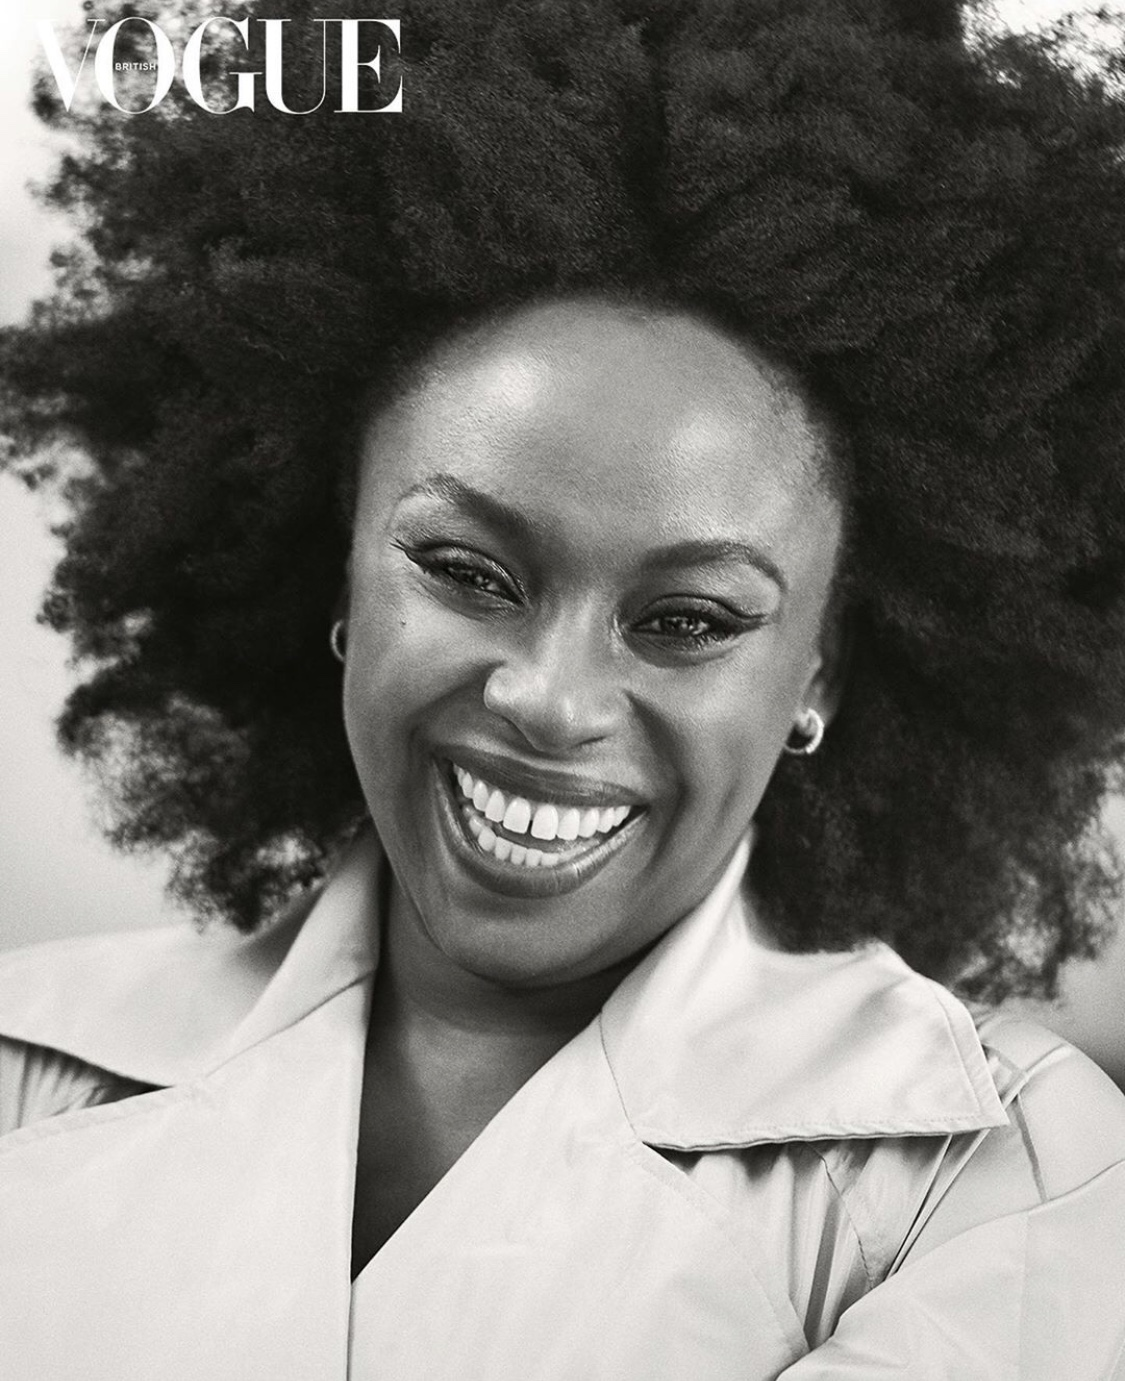 Chimamanda-Adichie-birthday-outfits